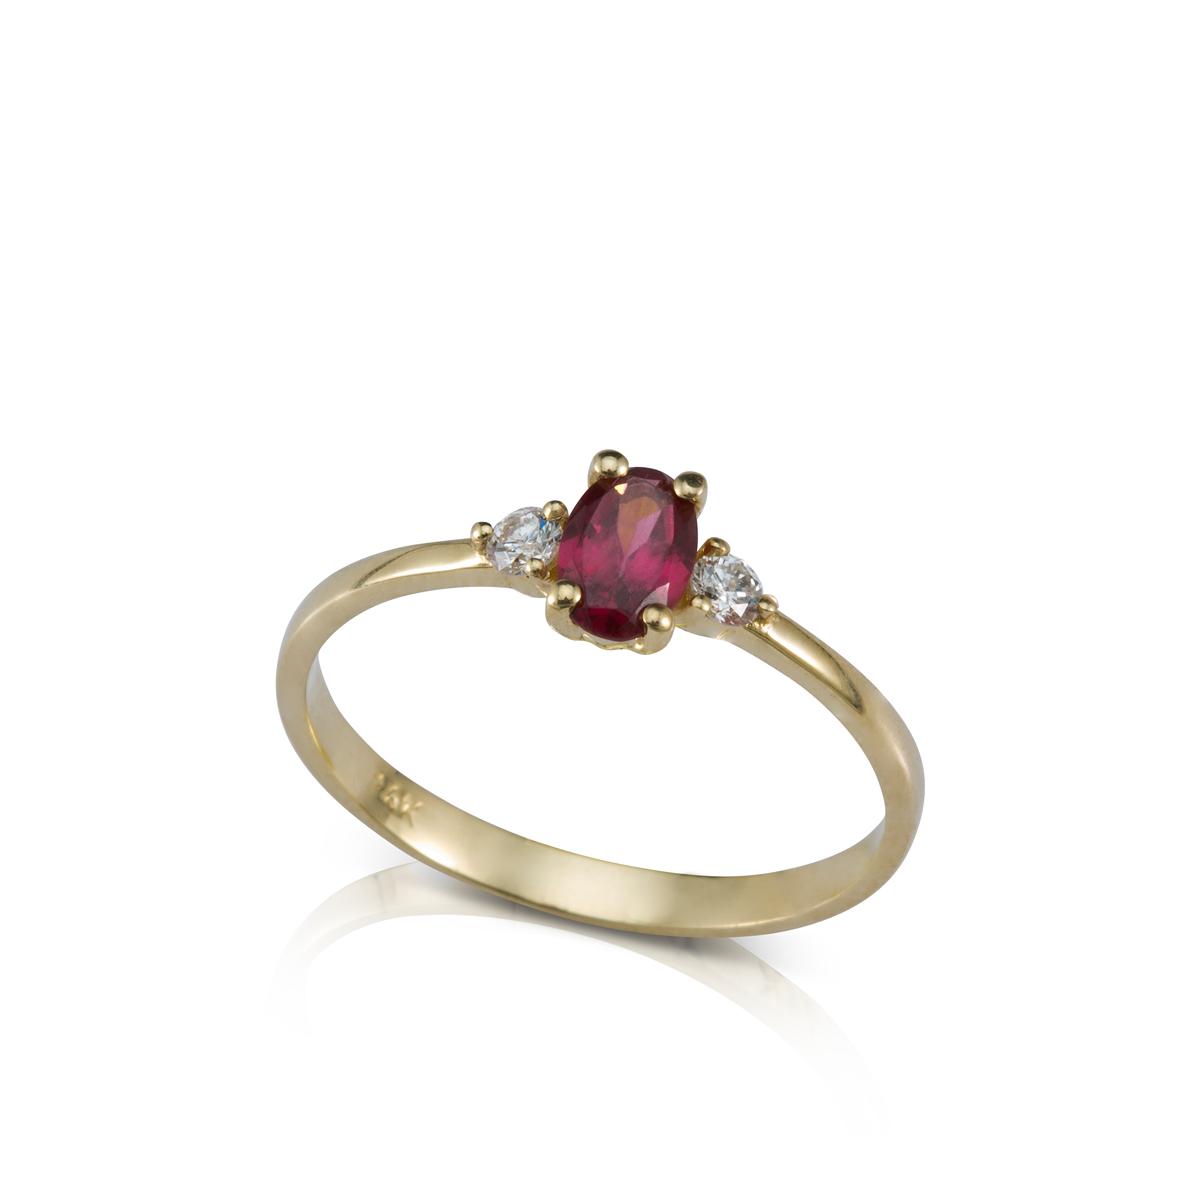 טבעת זהב משובצת גרנט אובלי ו-2 יהלומים צדדים